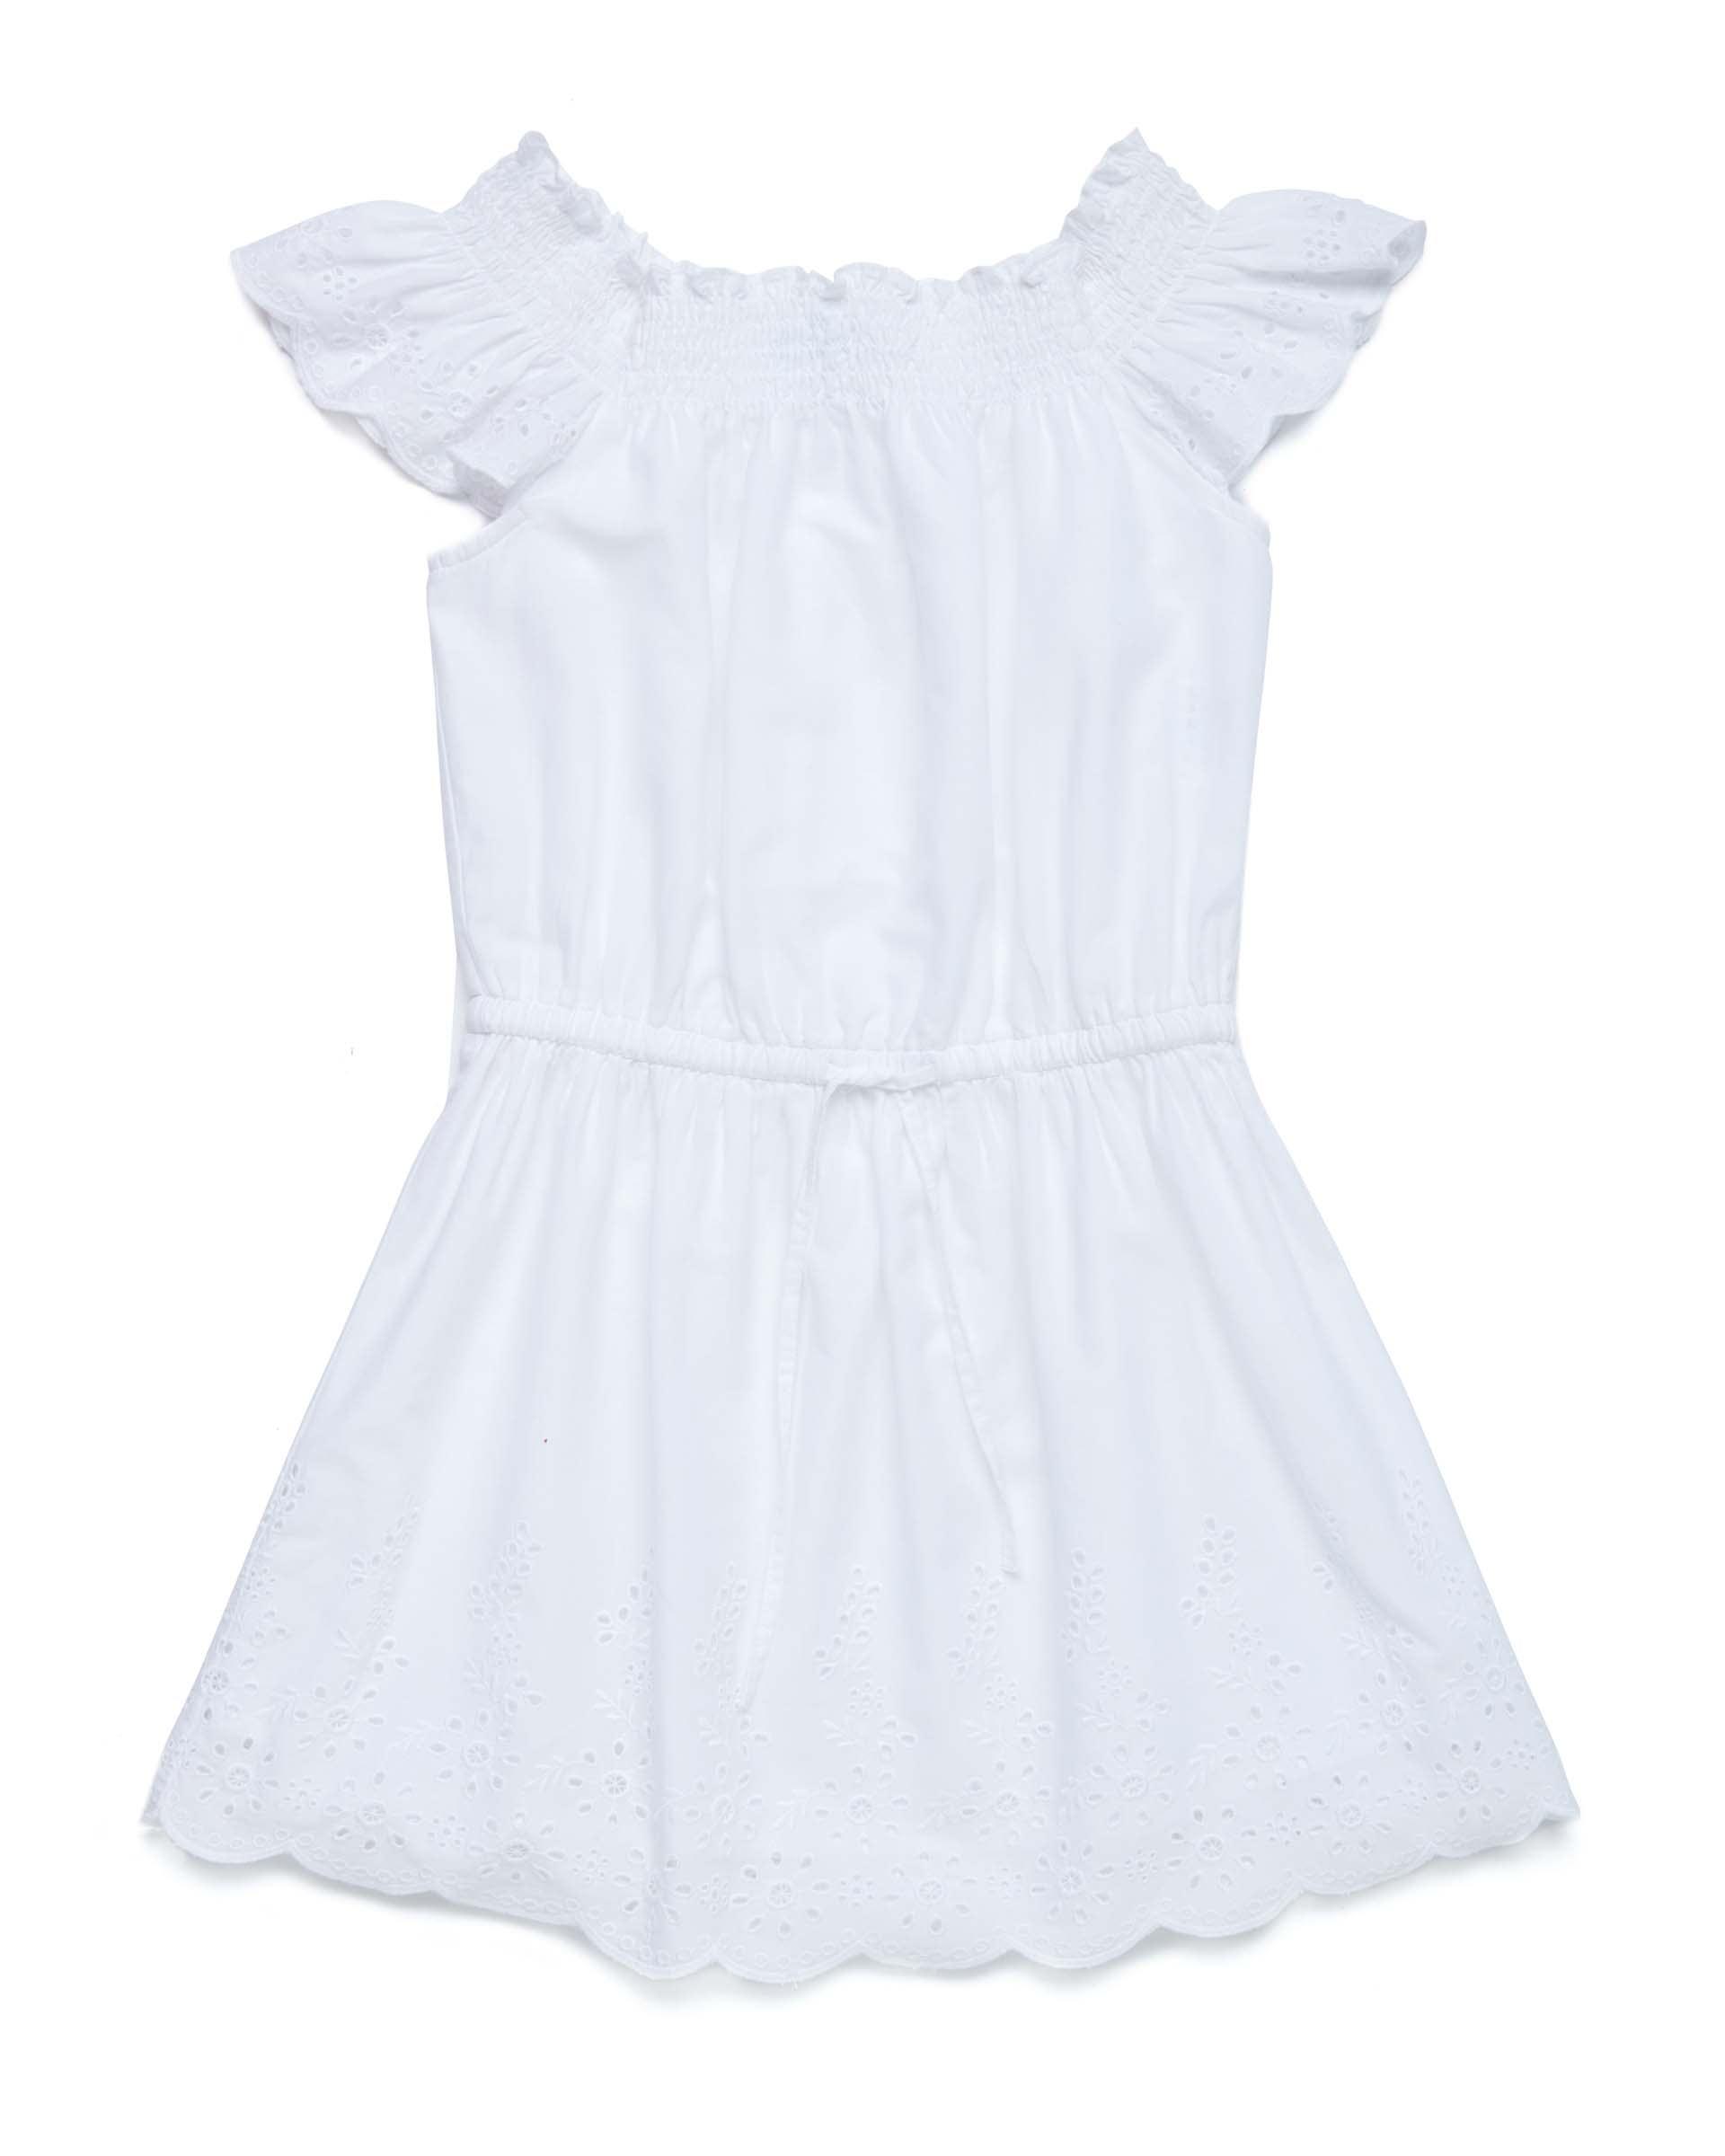 Купить 20P_4JO15VDK0_101, Платье для девочек Benetton 4JO15VDK0_101 р-р 122, United Colors of Benetton, Платья для девочек